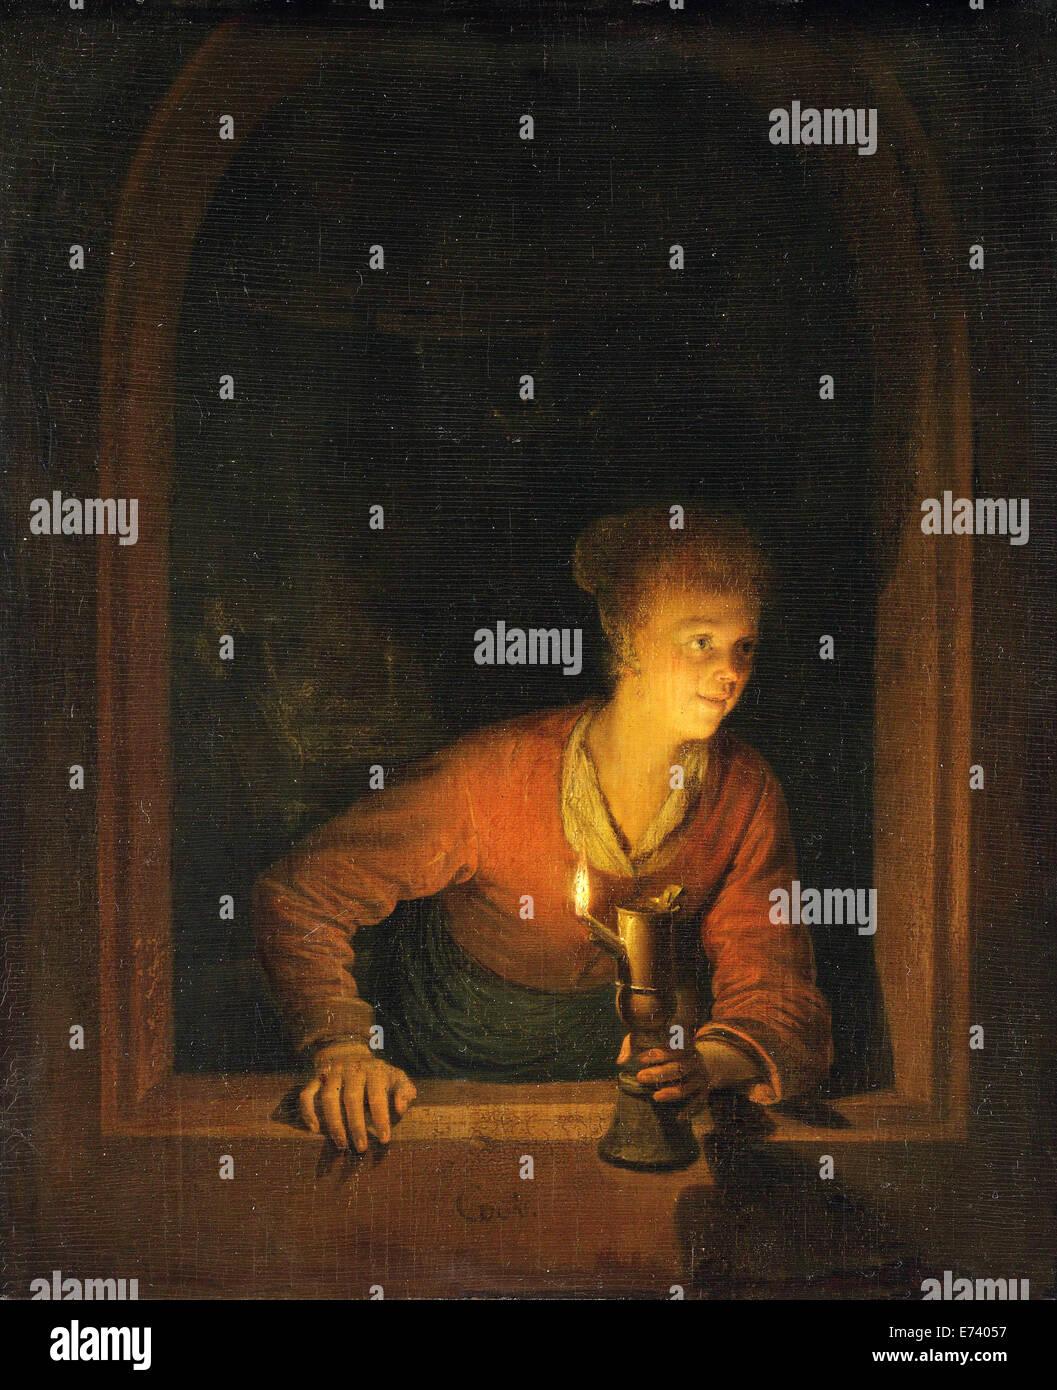 Ragazza con lampada a olio in corrispondenza di una finestra - da Gerard Dou, 1645 - 1675 Immagini Stock